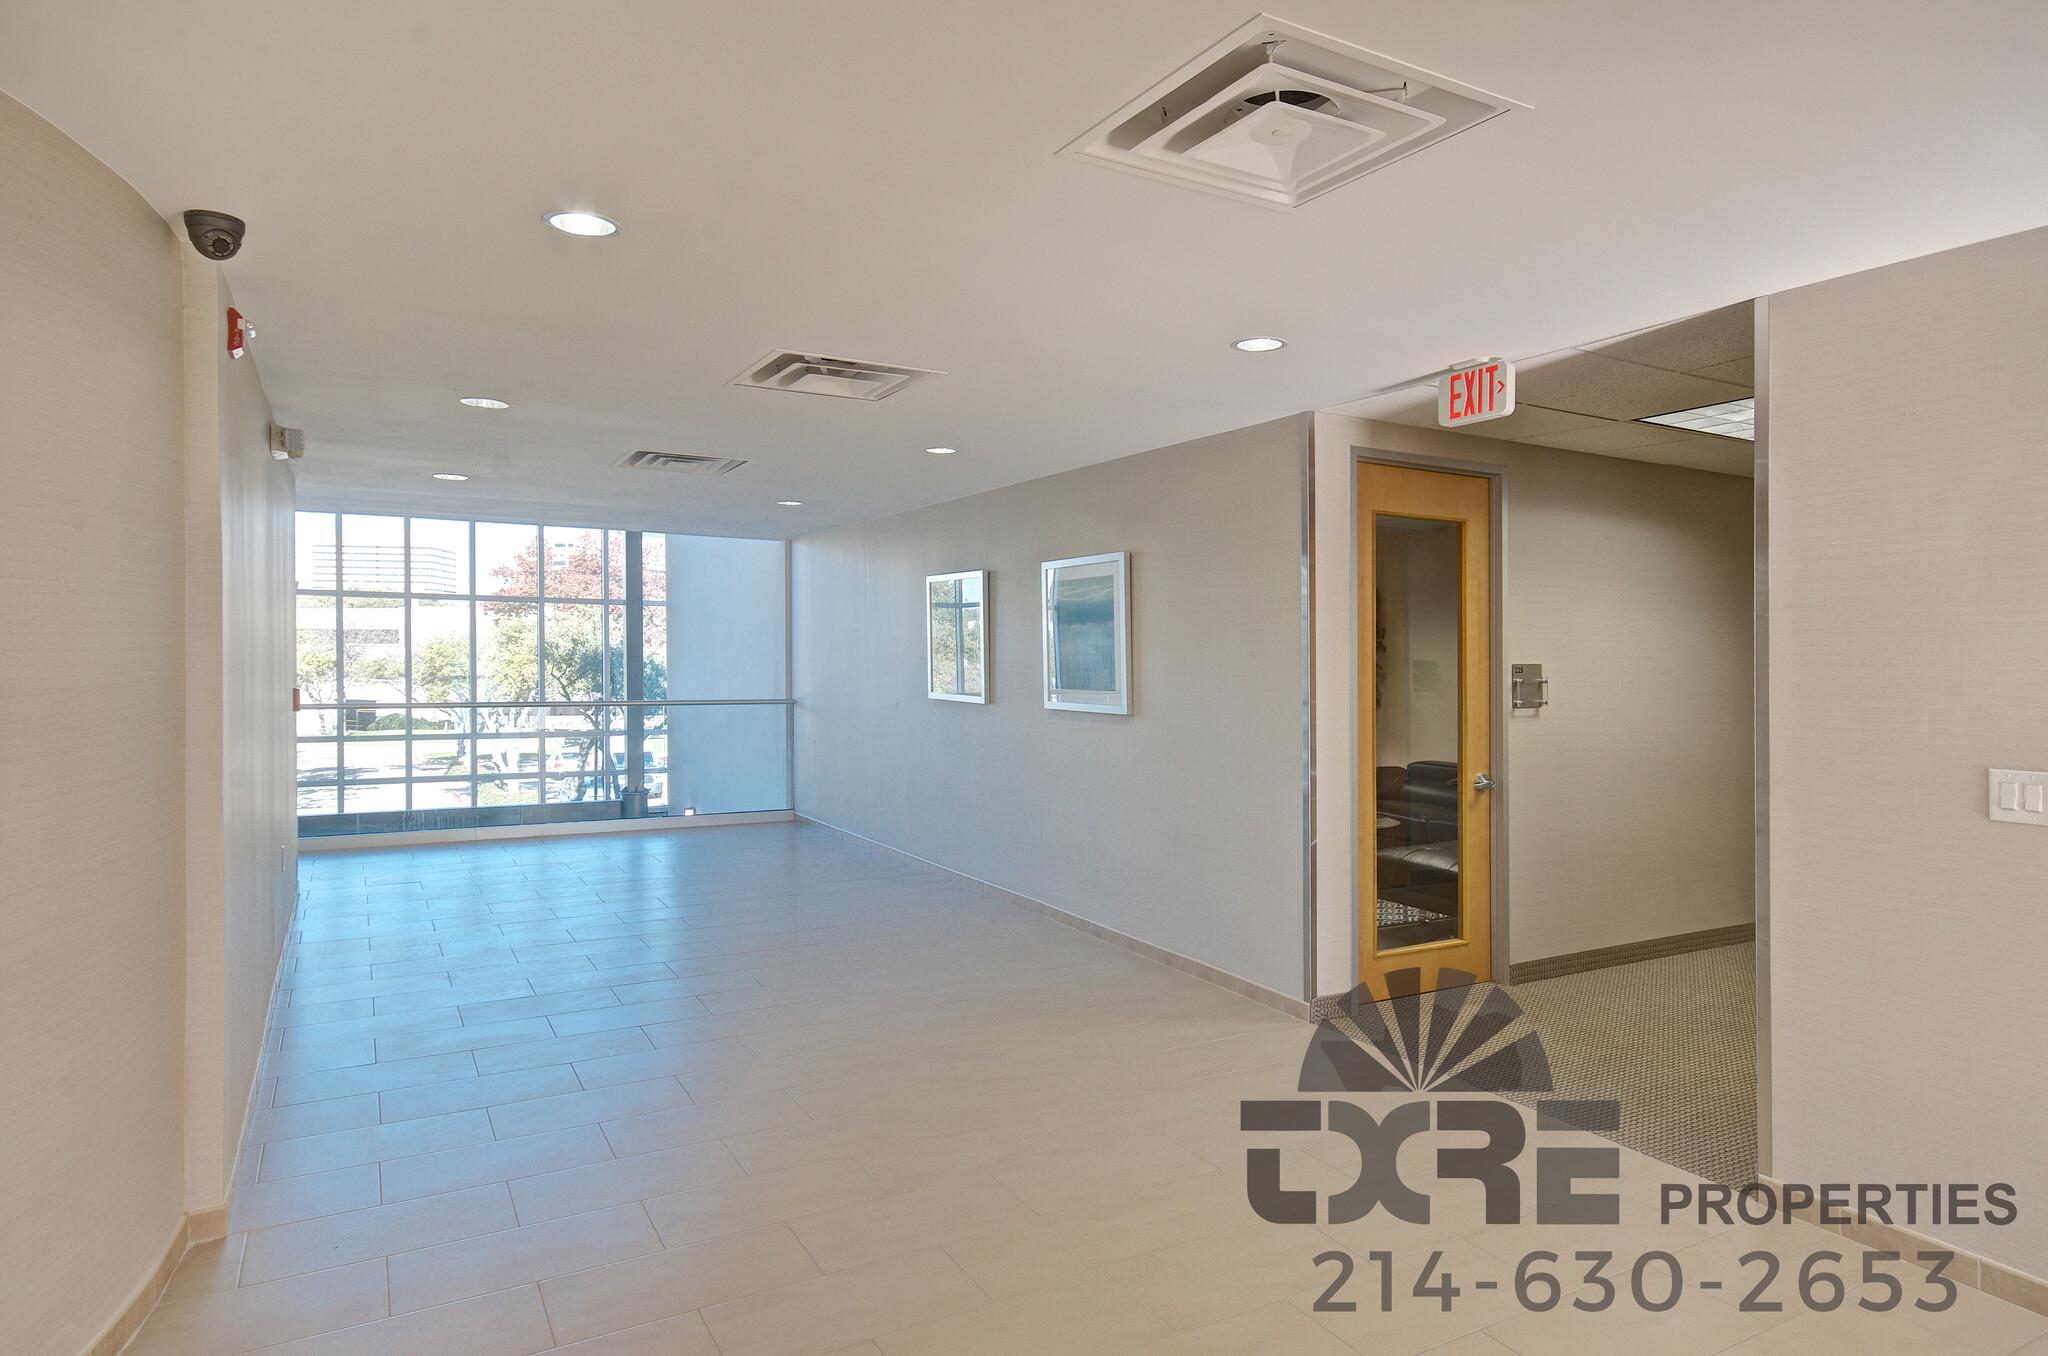 300 Decker Dr. interior hallway